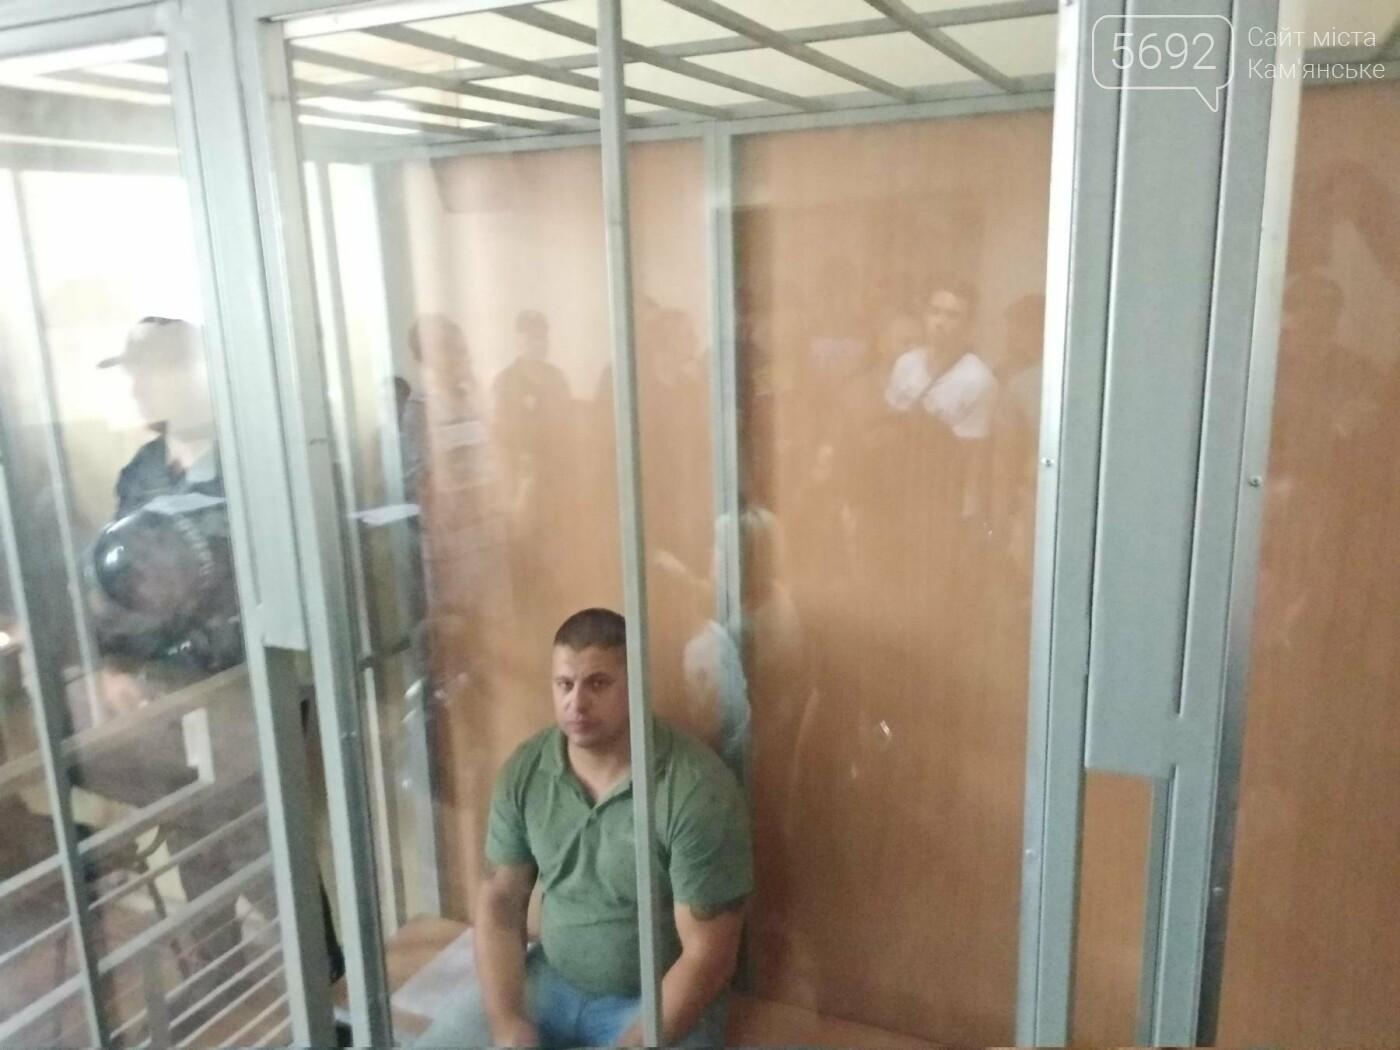 Дело об избиении врача: в Каменском за хулиганство суд избрал меру пресечения для Евгения Найды, фото-3